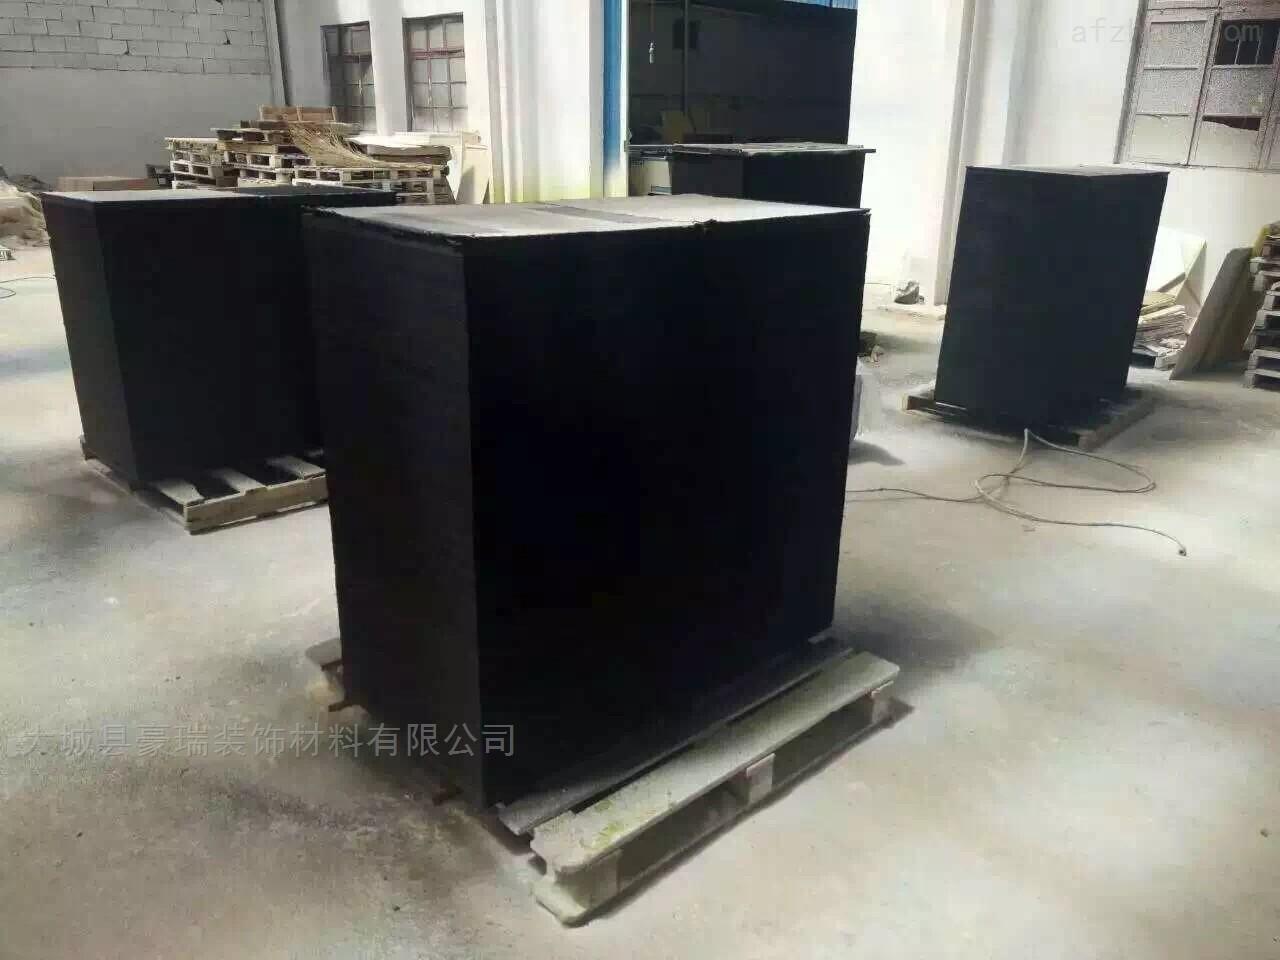 豪瑞黑色岩棉玻纤板是好的吸声材料之一